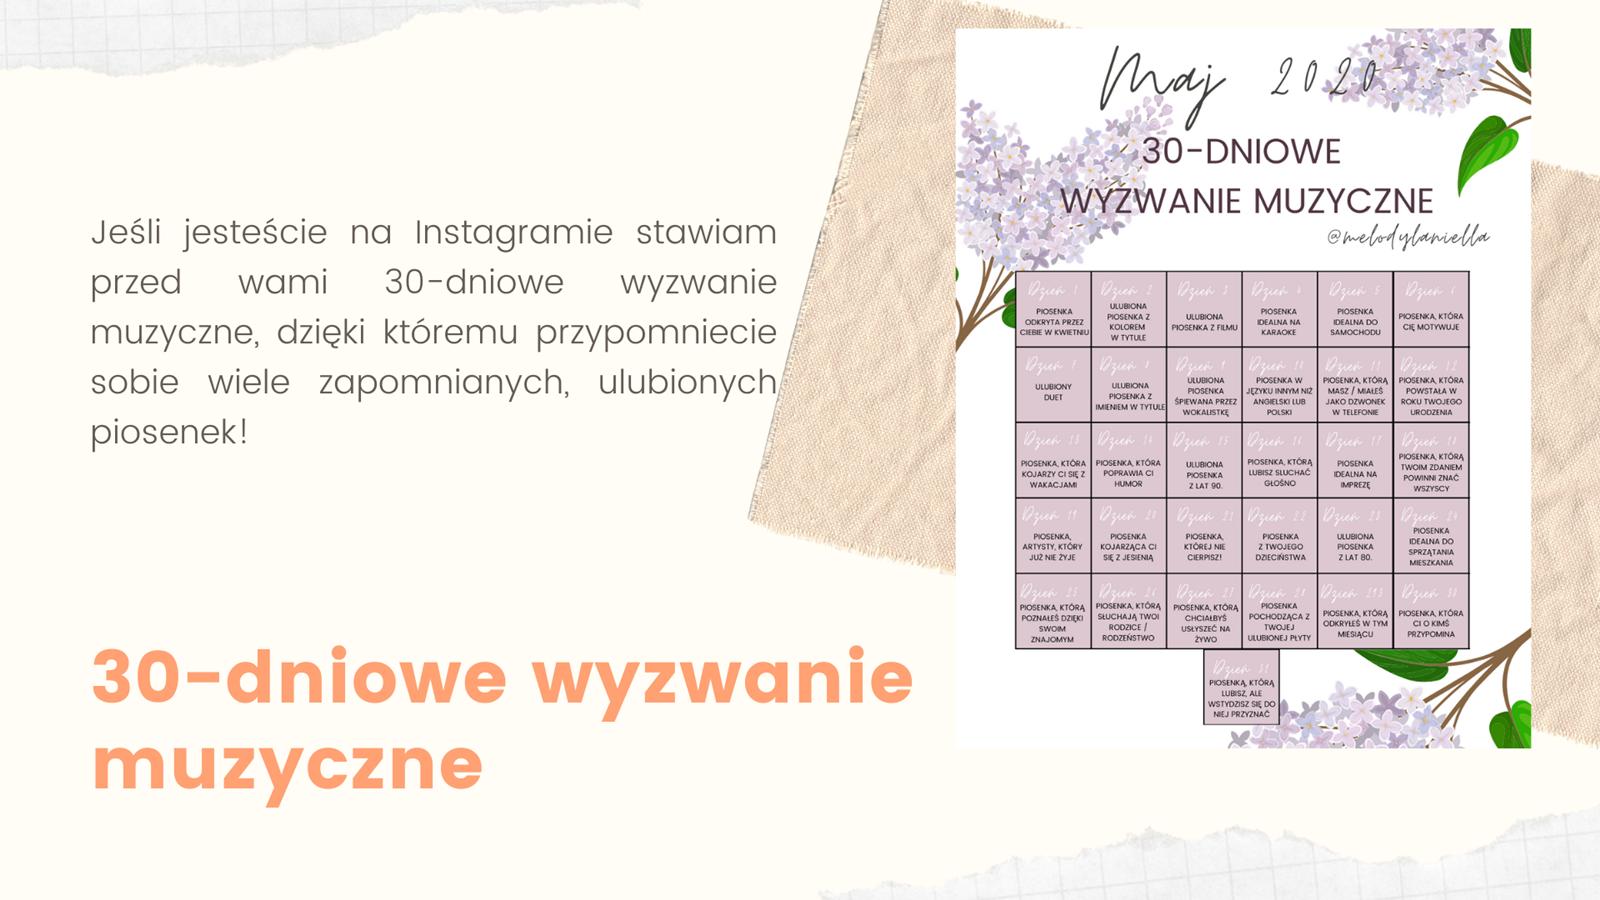 3 darmowy kalendarz do druku jak zrobić 30-dniowe wyzwanie muzyczne na instagramie instastory kalendarz ładny kolorowy maj 2020 do druku darmowy do pobrania kwiaty kobiecy dla dziewczyny